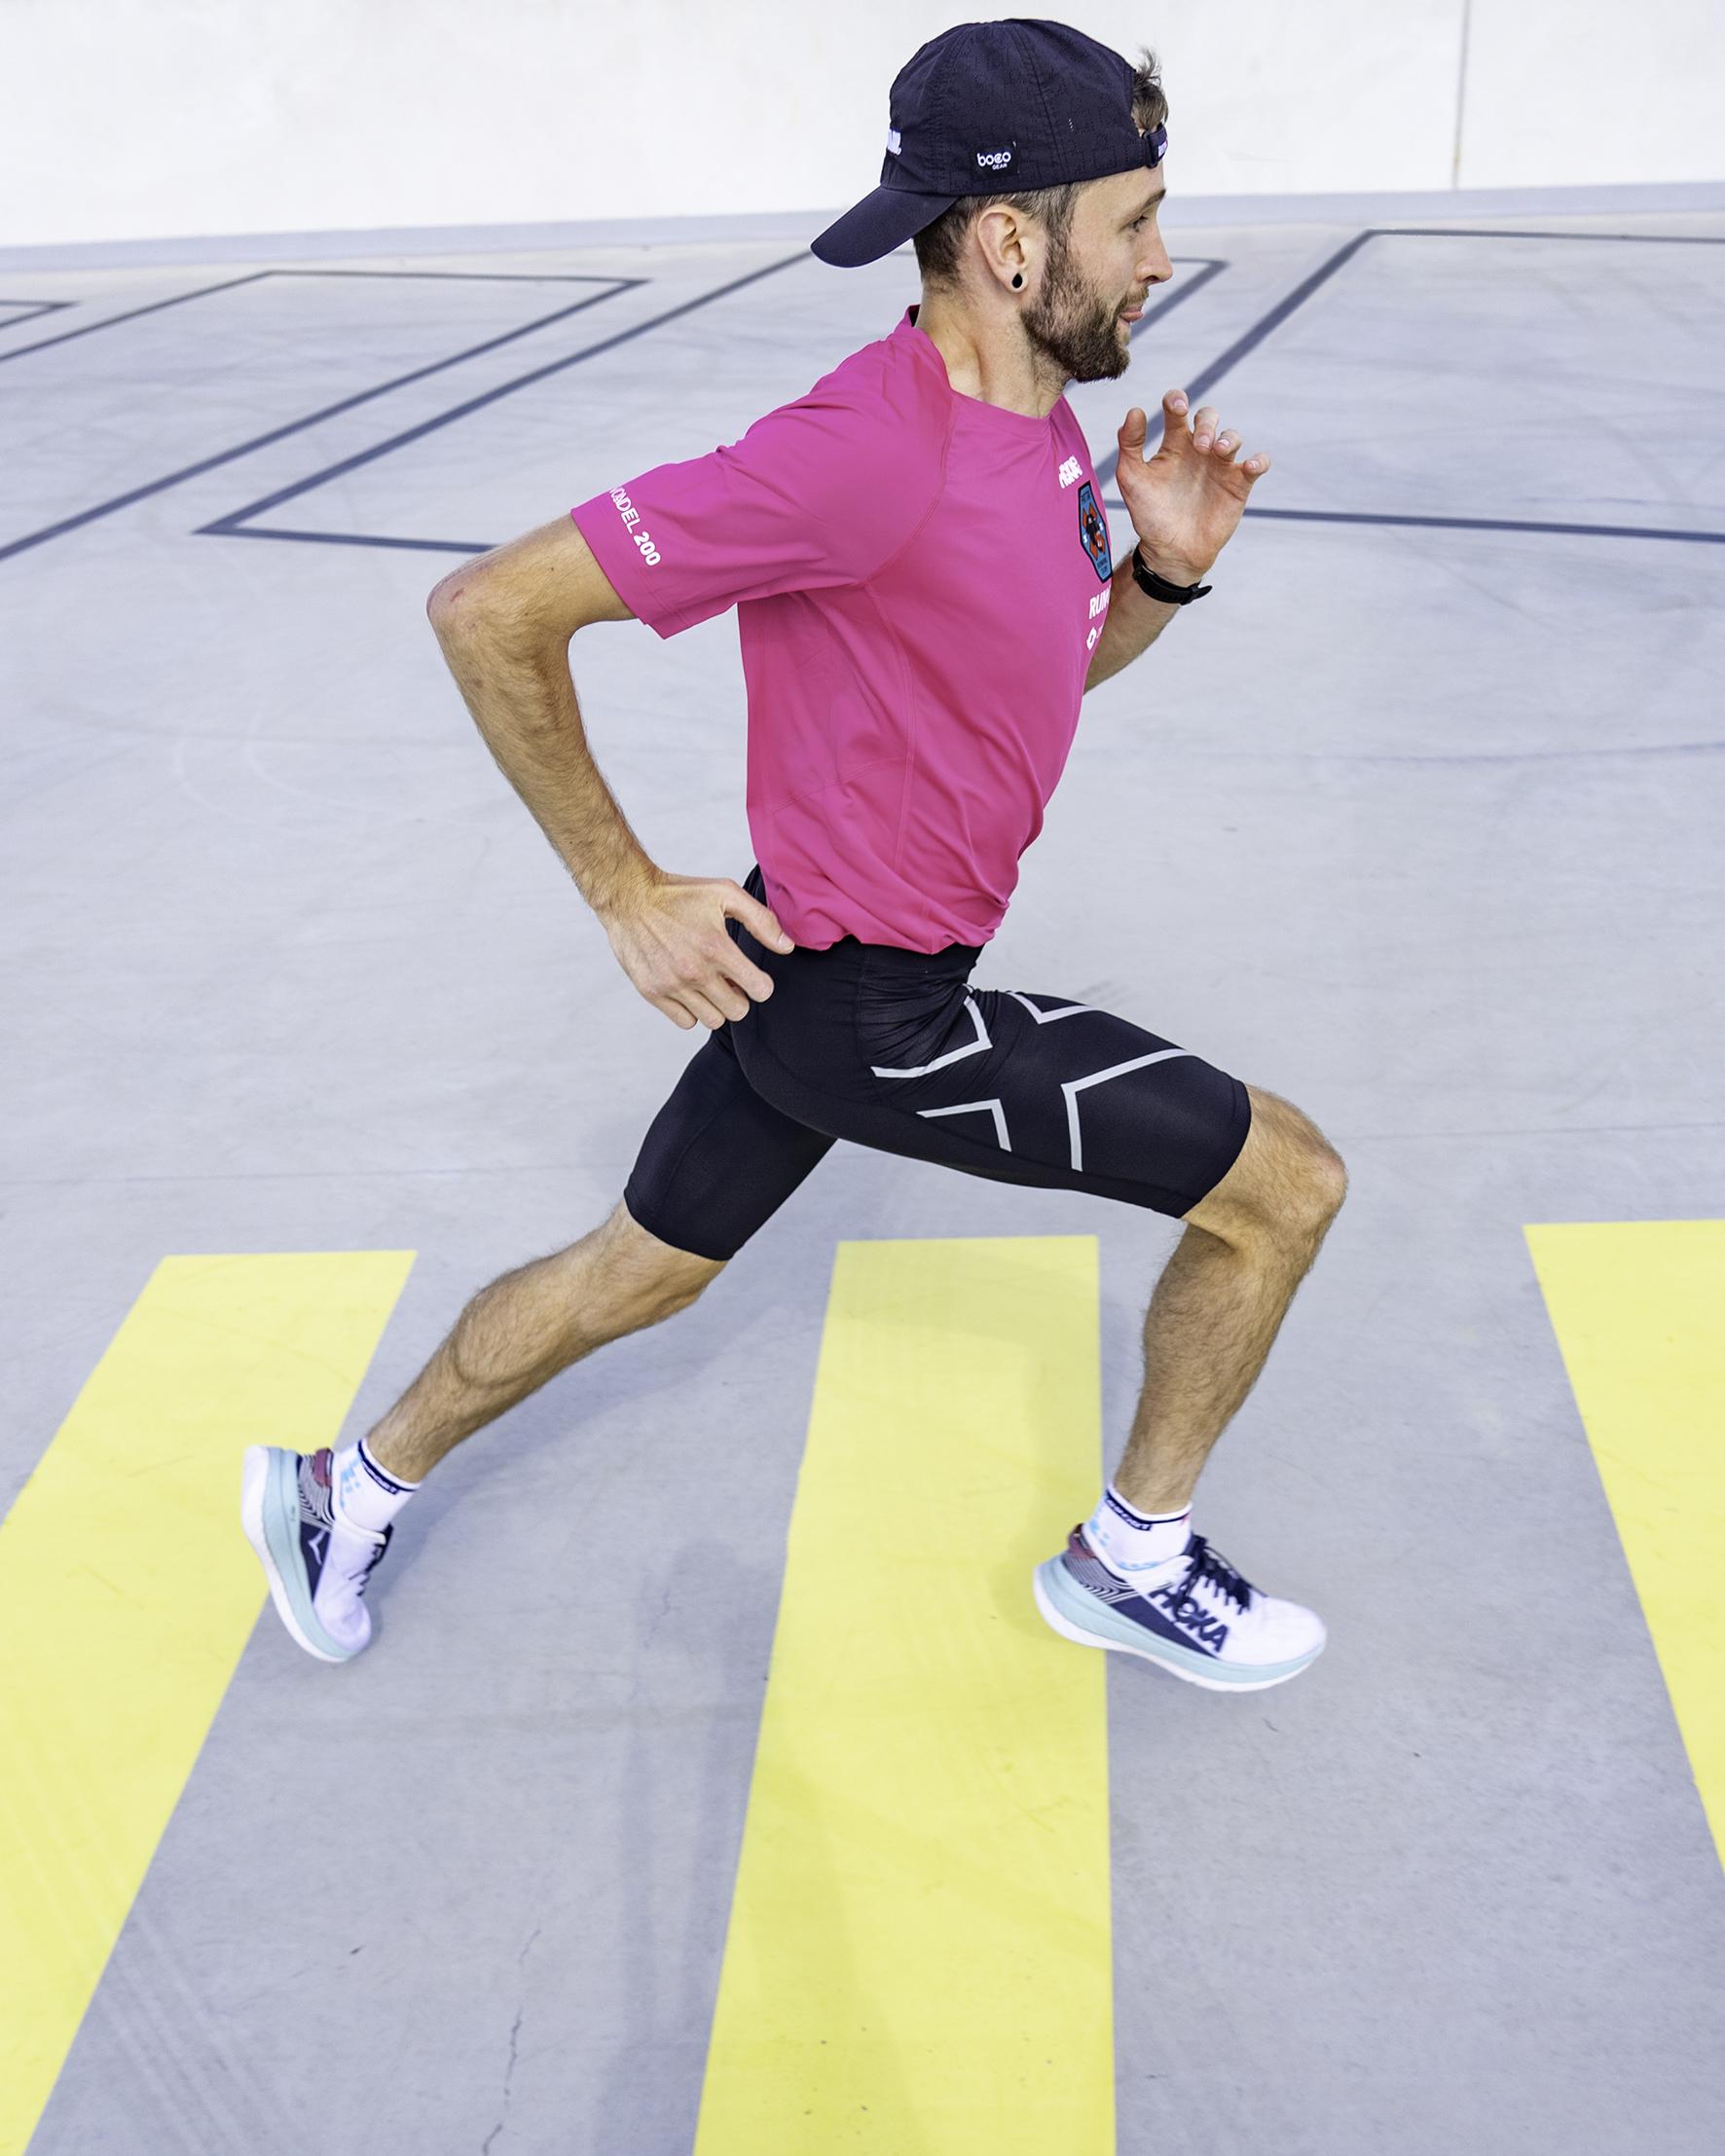 Jake gaat morgen 200 kilometer hardlopen